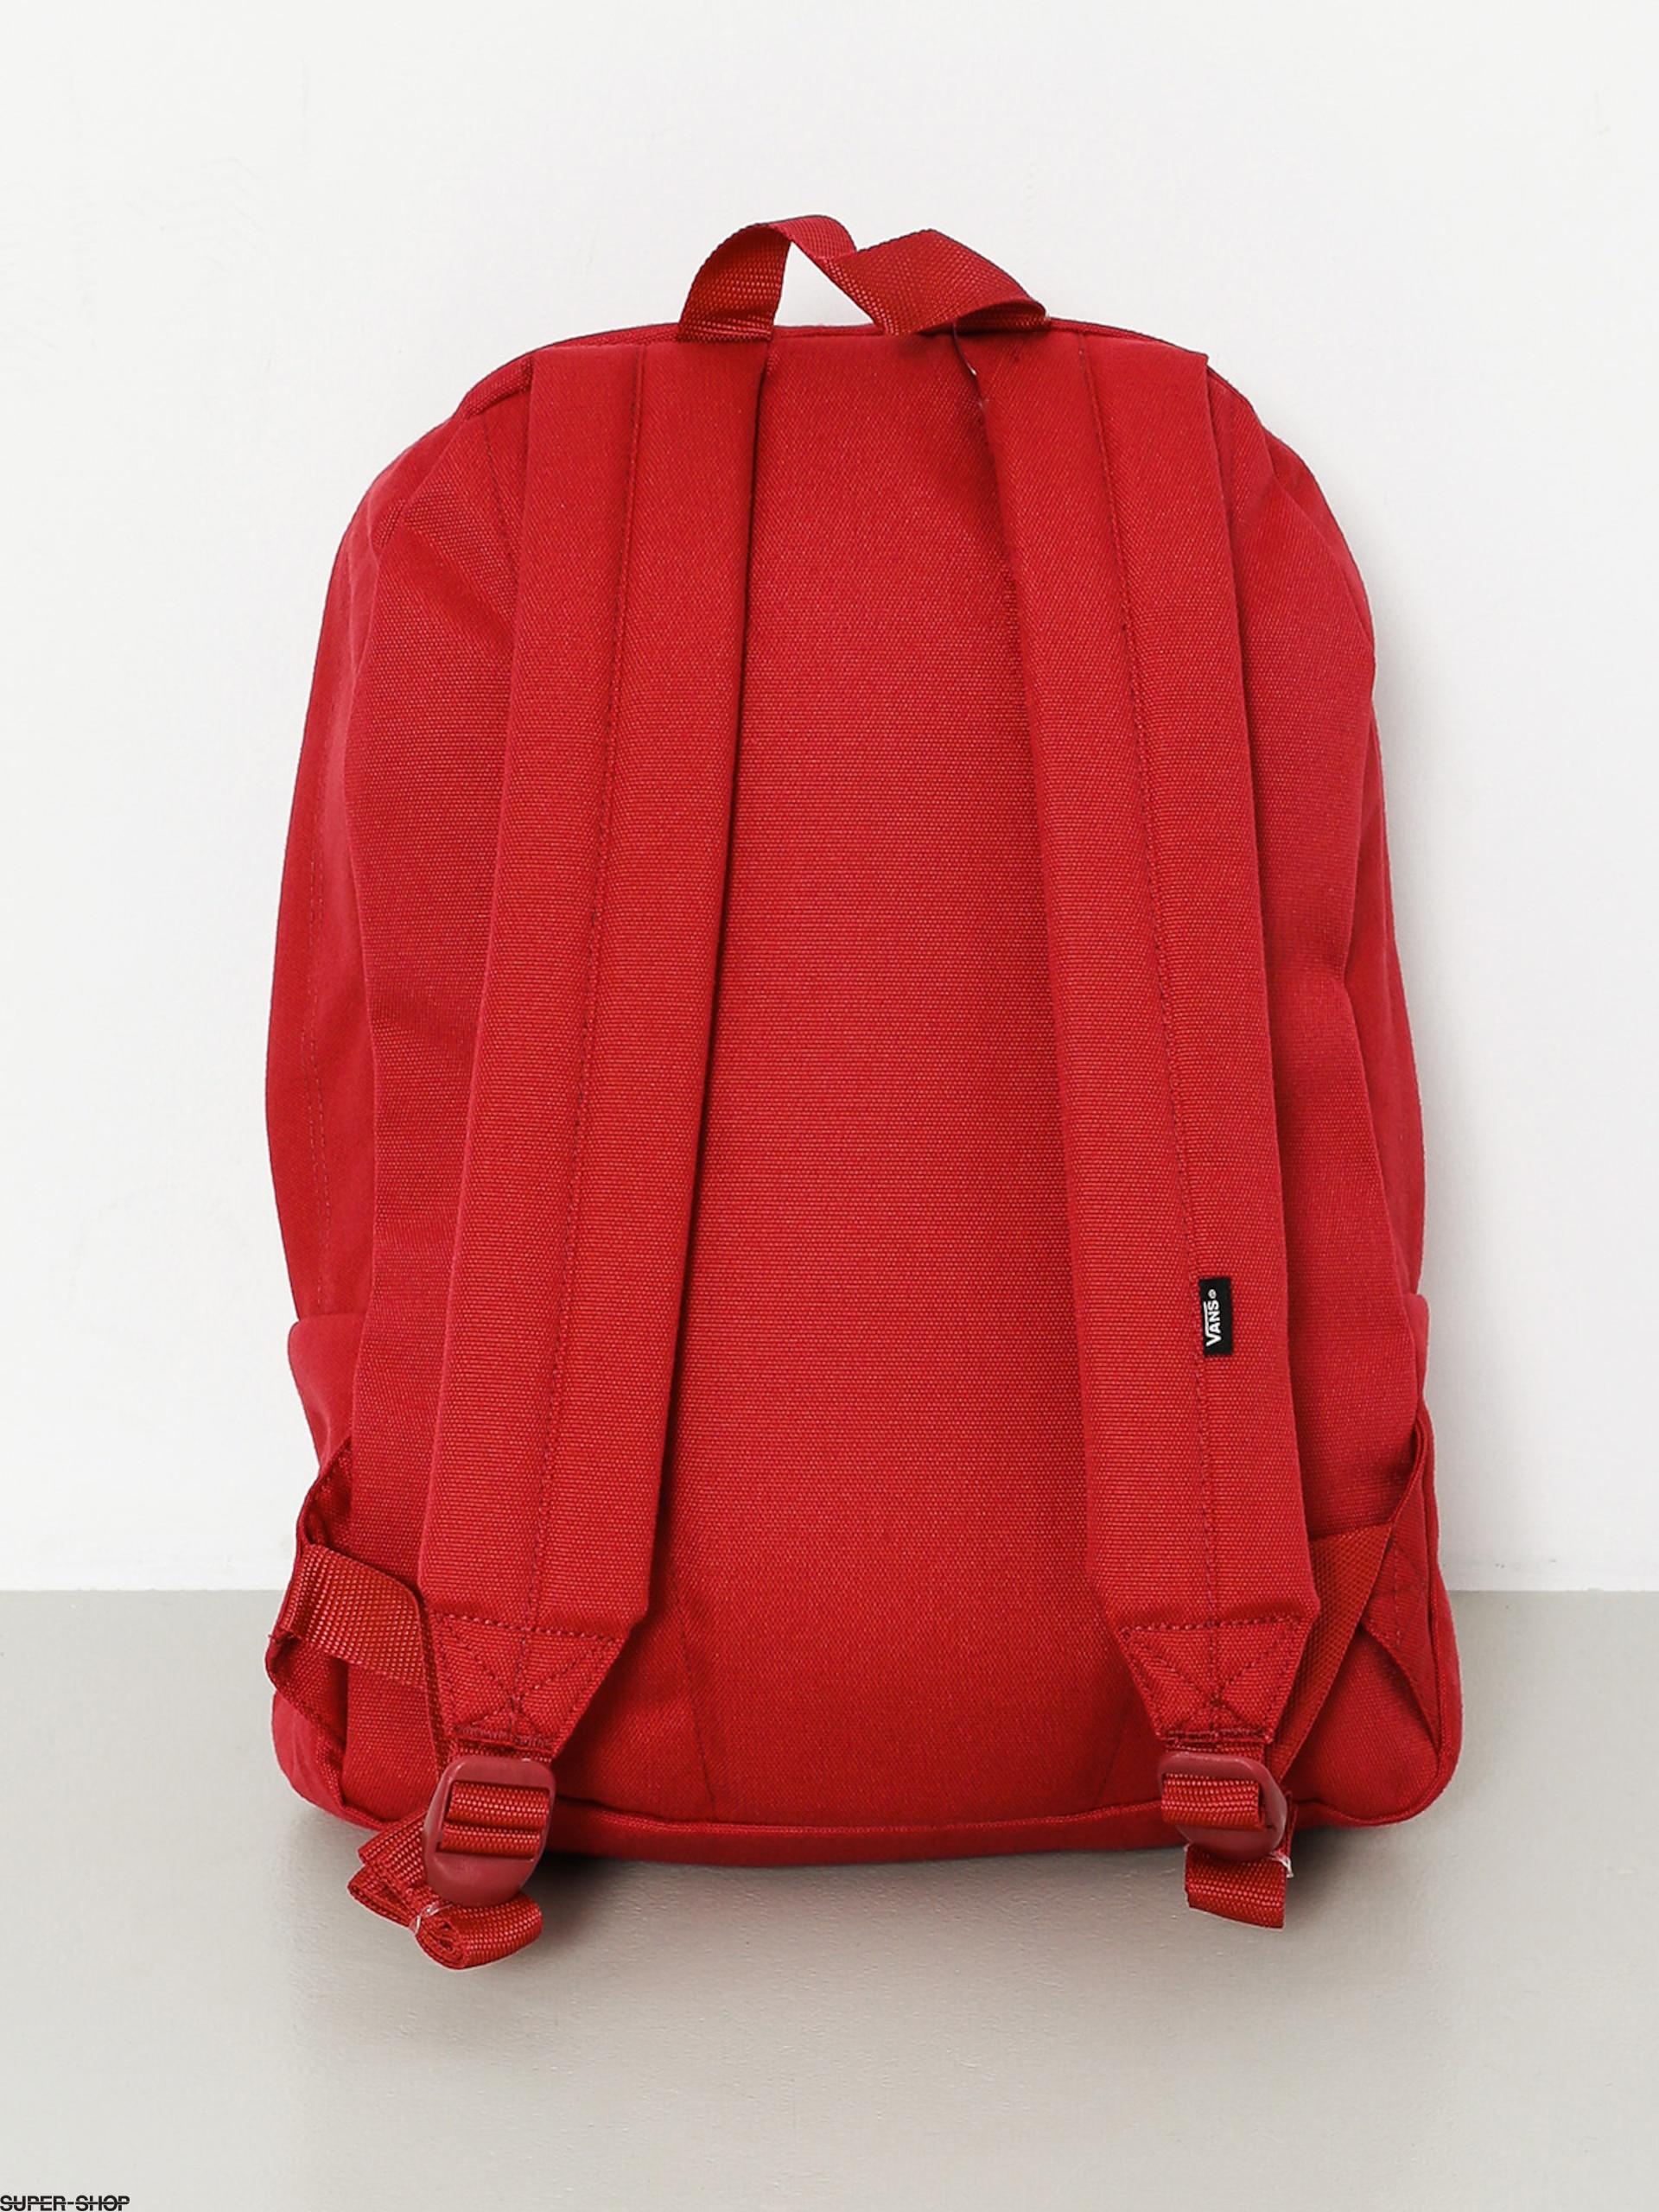 c9ecdafed48f8f 869015-w1920-vans-backpack-old-skool-ii-chili-pepper.jpg